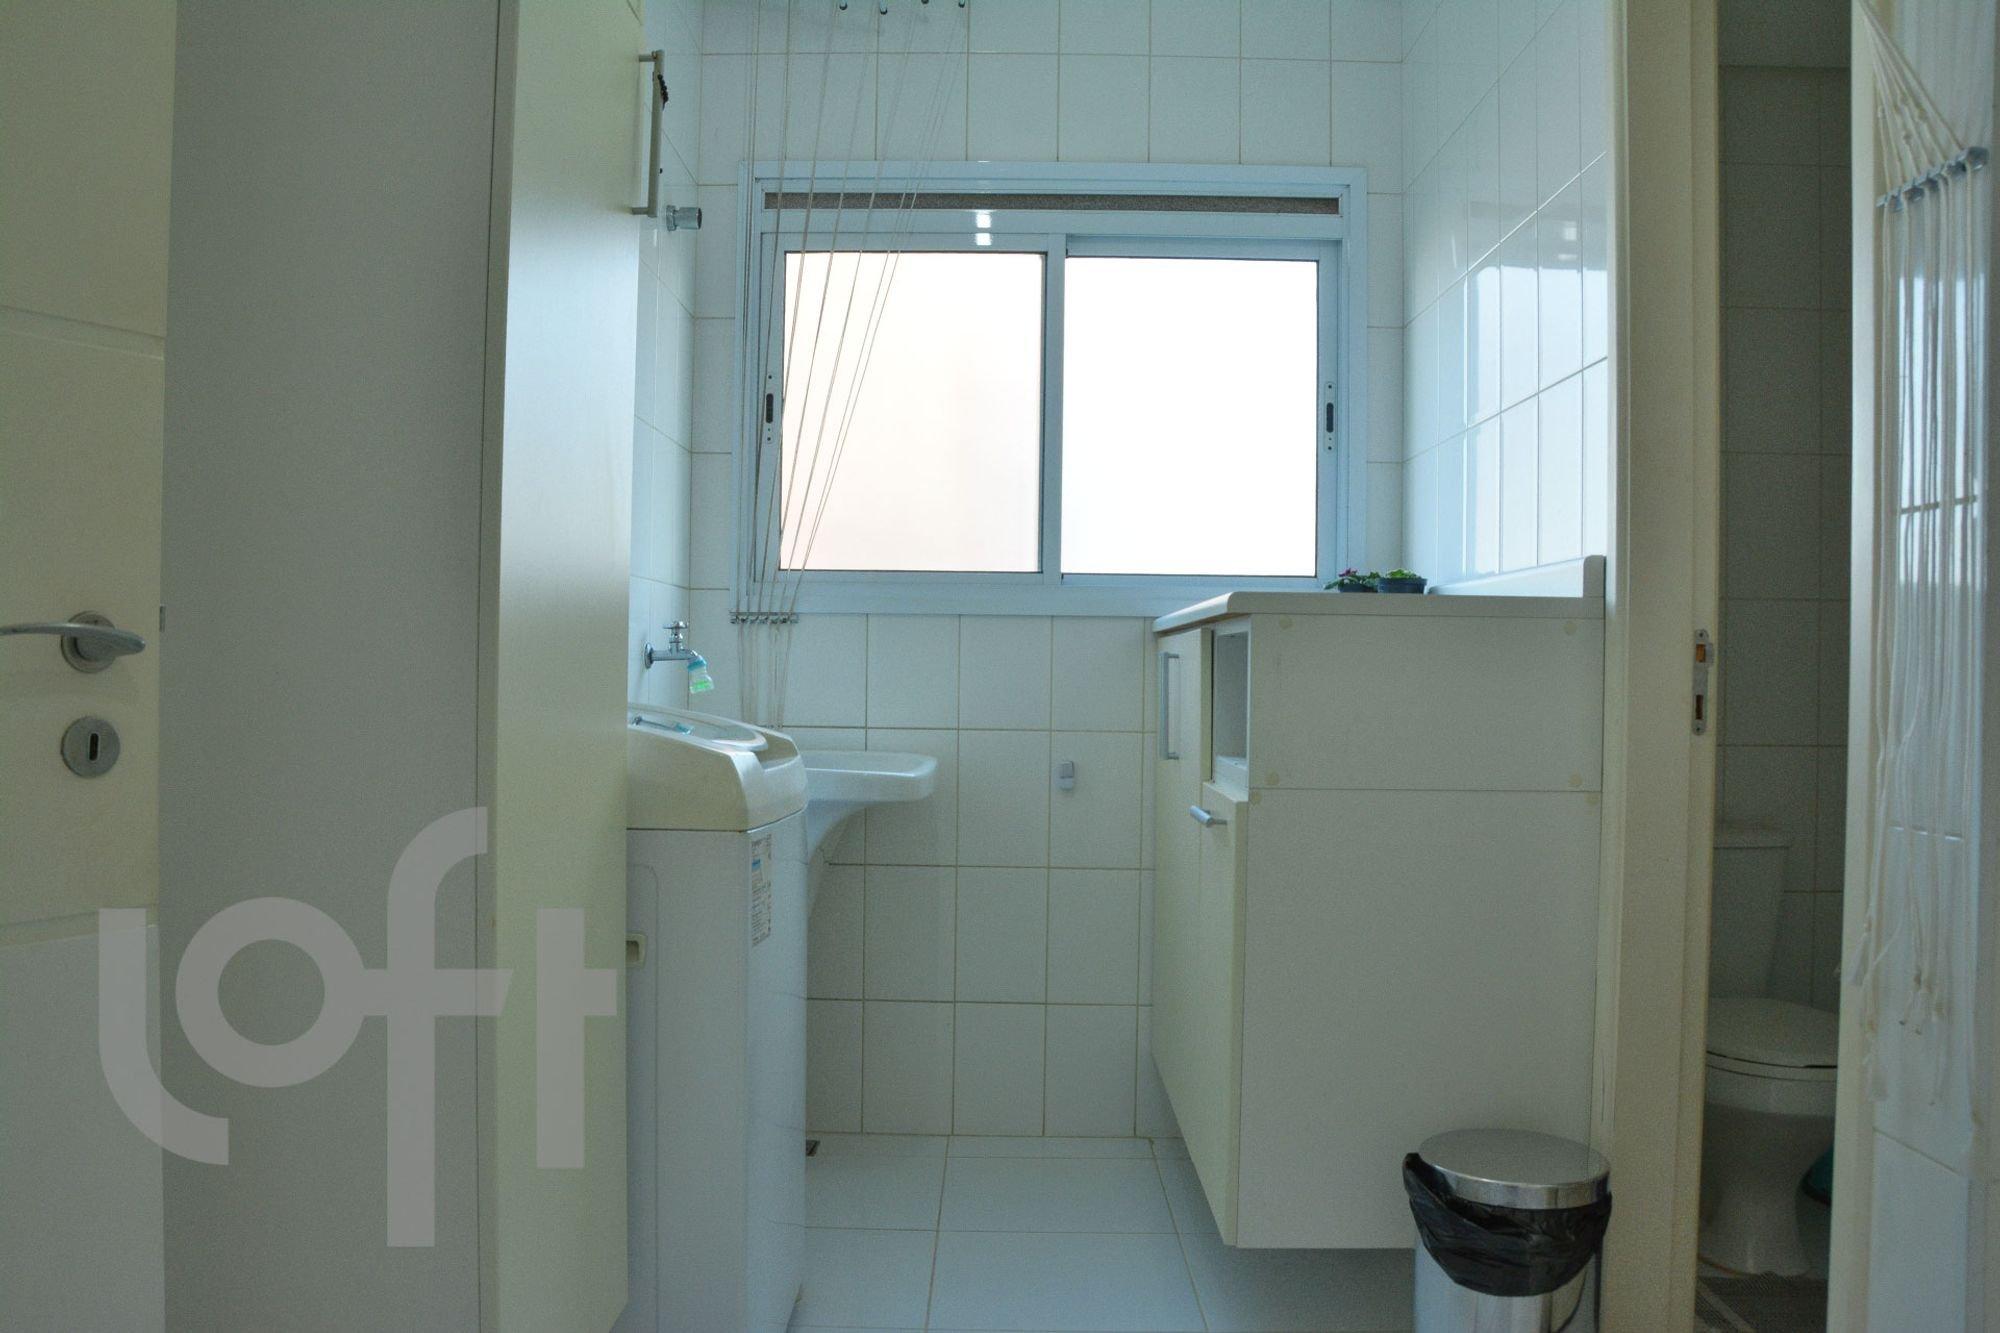 Foto de Banheiro com geladeira, vaso sanitário, pia